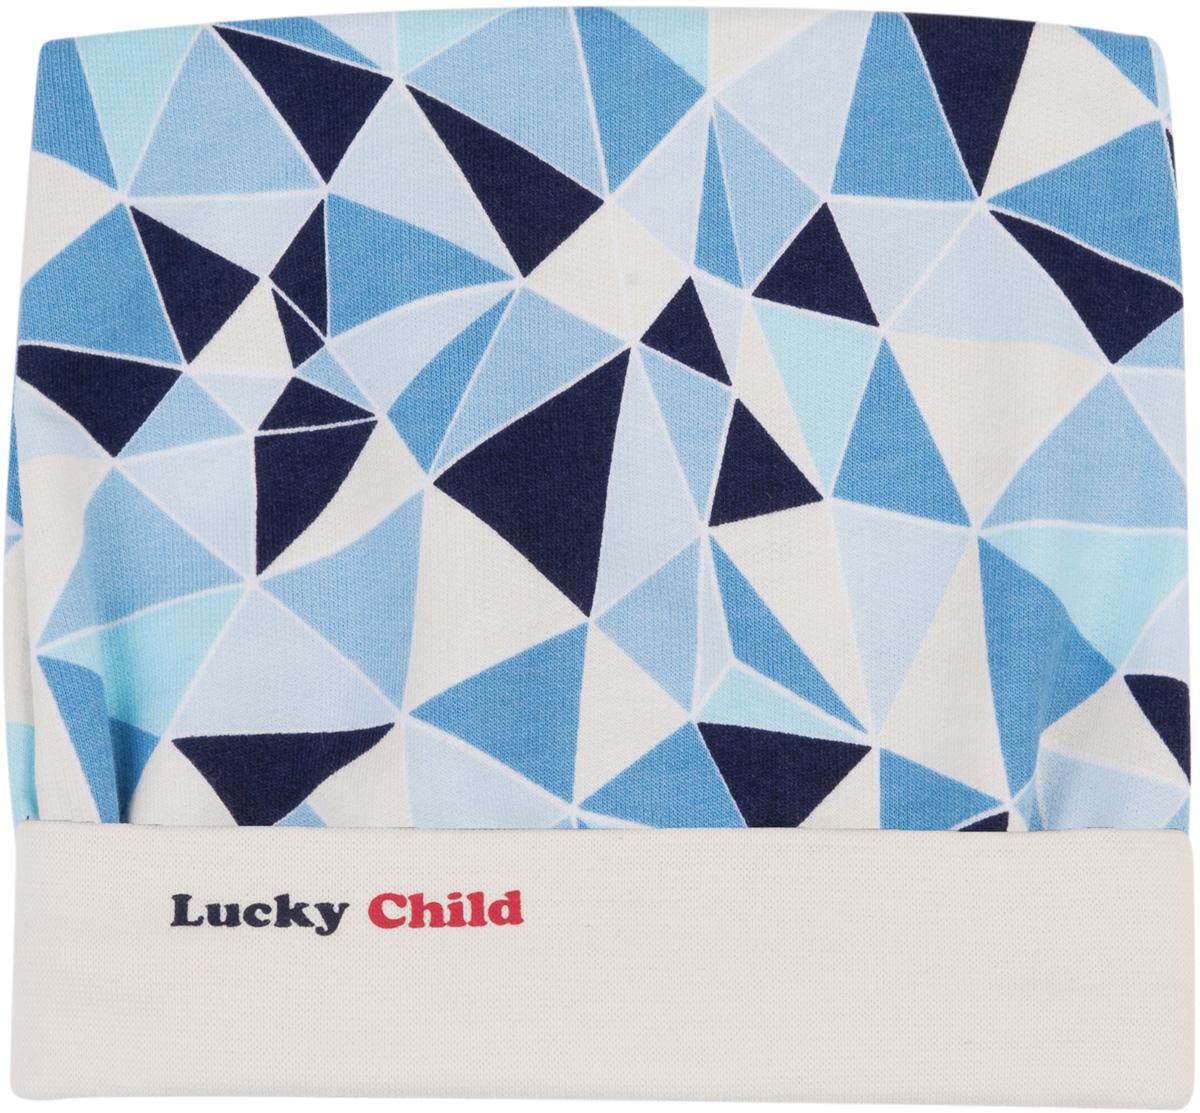 Шапочка для мальчика Lucky Child, цвет: голубой, синий. 32-9ф. Размер 4732-9фШапочка выполнена из футера высшего качества, благодаря этому она будет держать форму и не выцветать. Резиночки этой модели хорошо прилегают к личику малыша и обеспечивают защиту ушек от ветра и холода.